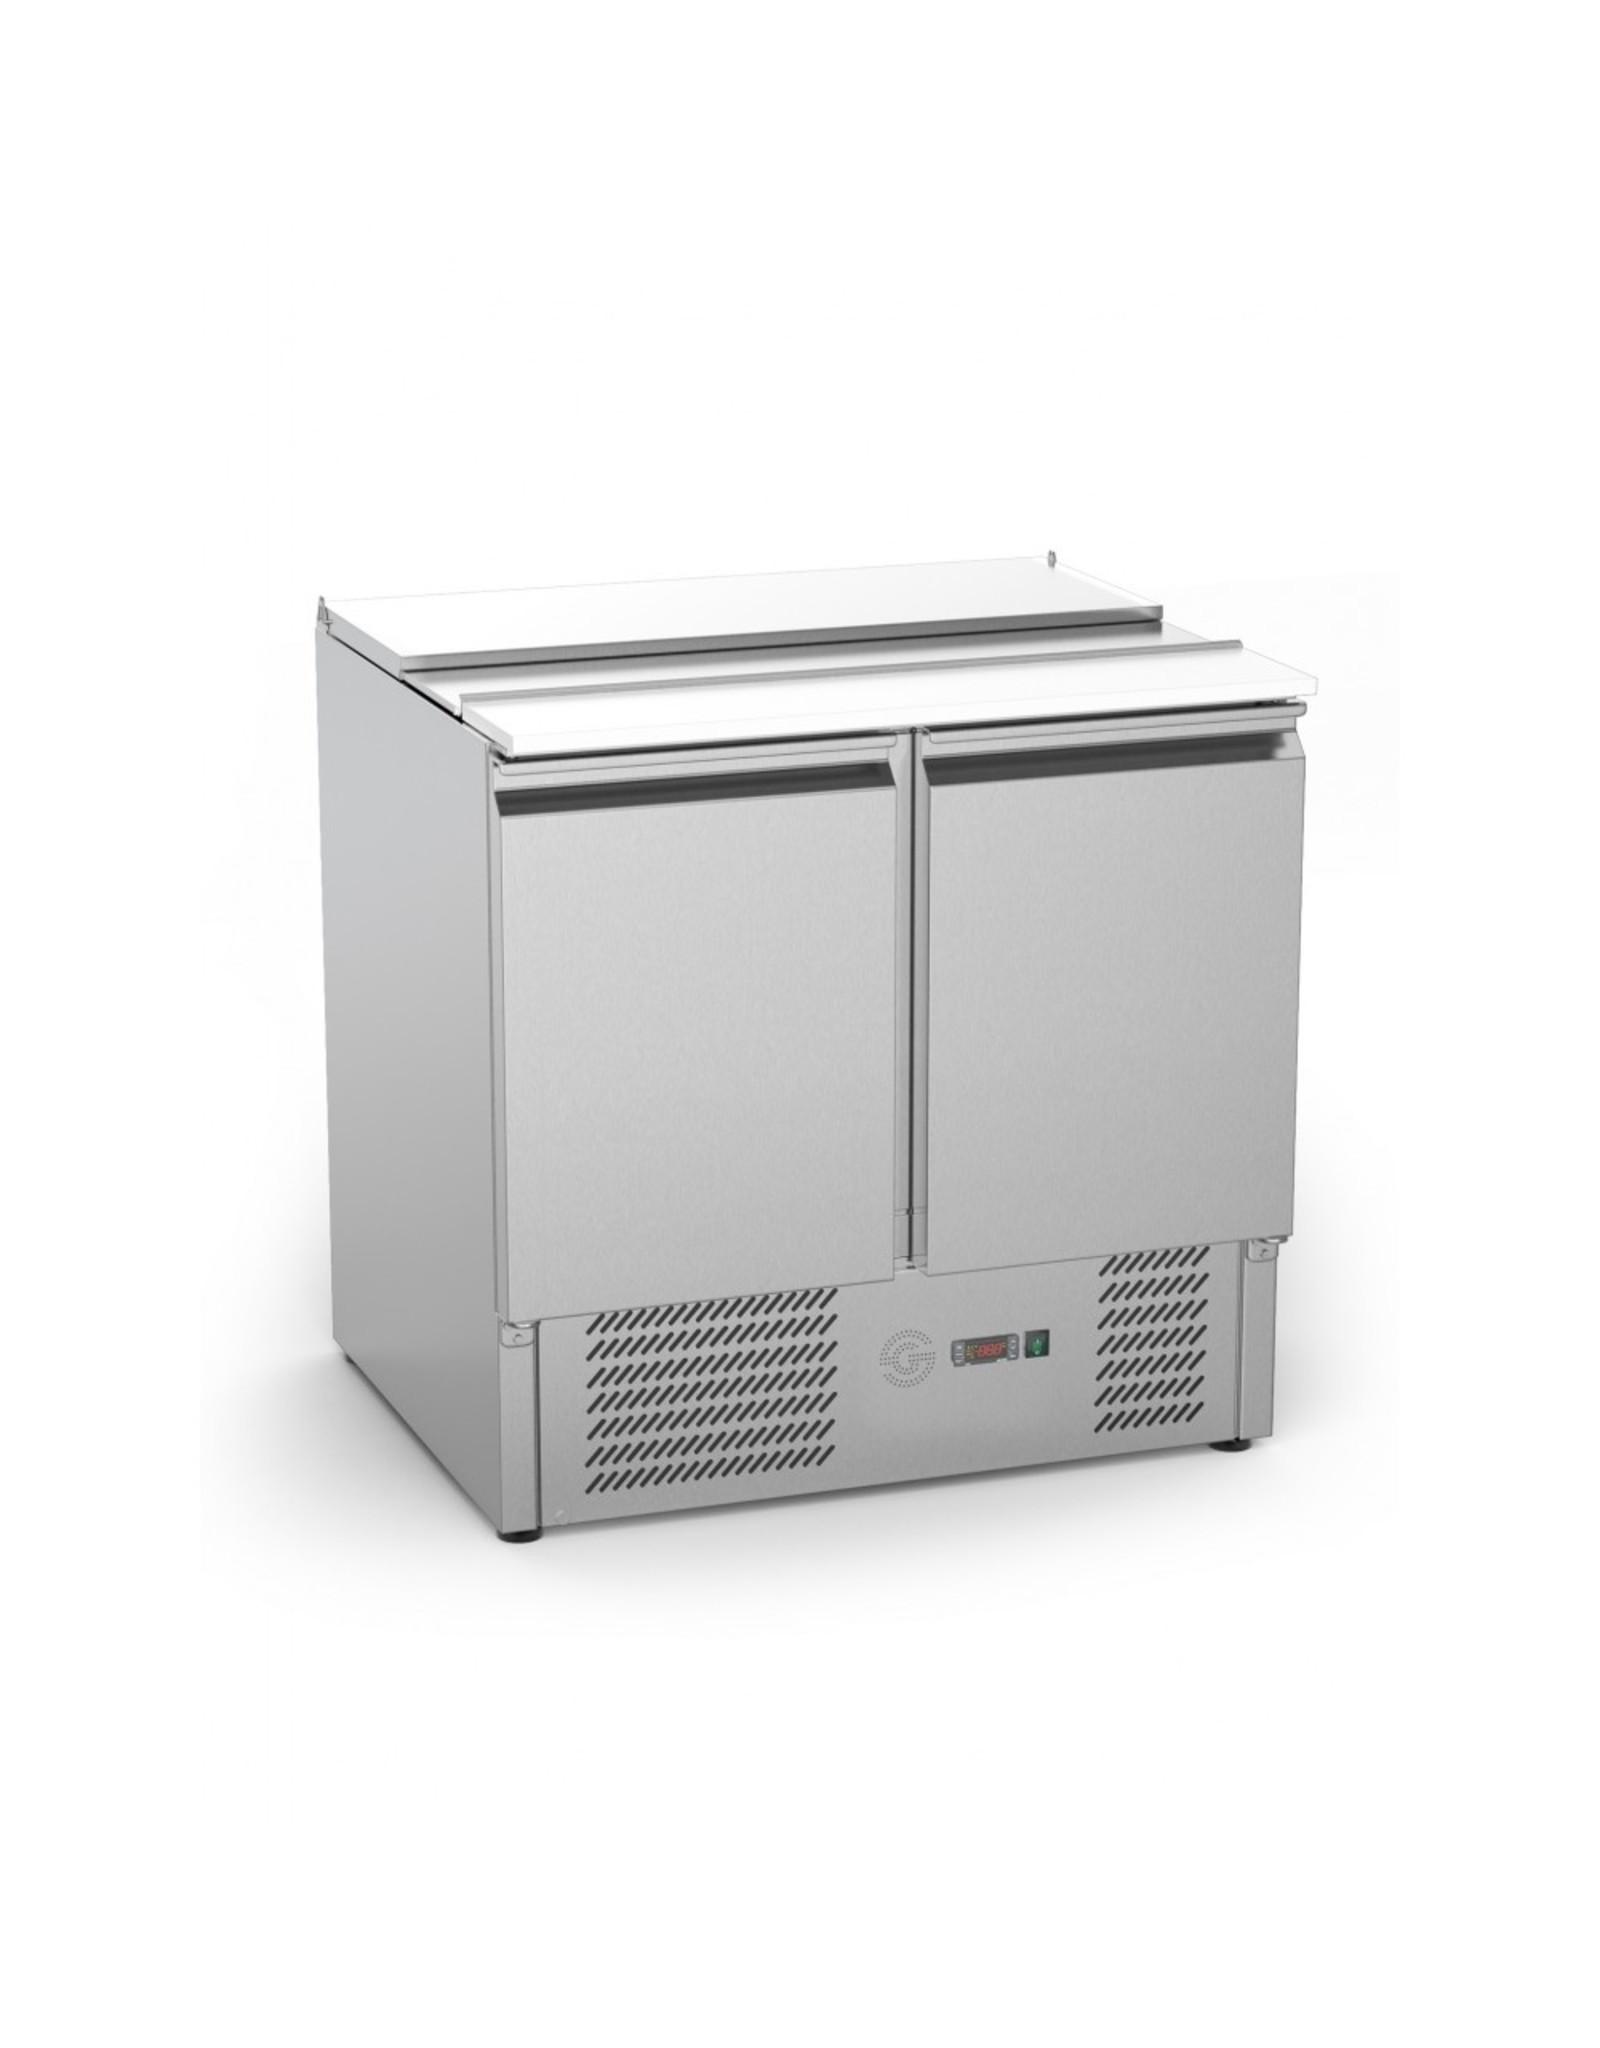 Q-Gastro RVS Solide 2 deurs Saladette/Pizzakoeling (nieuw)